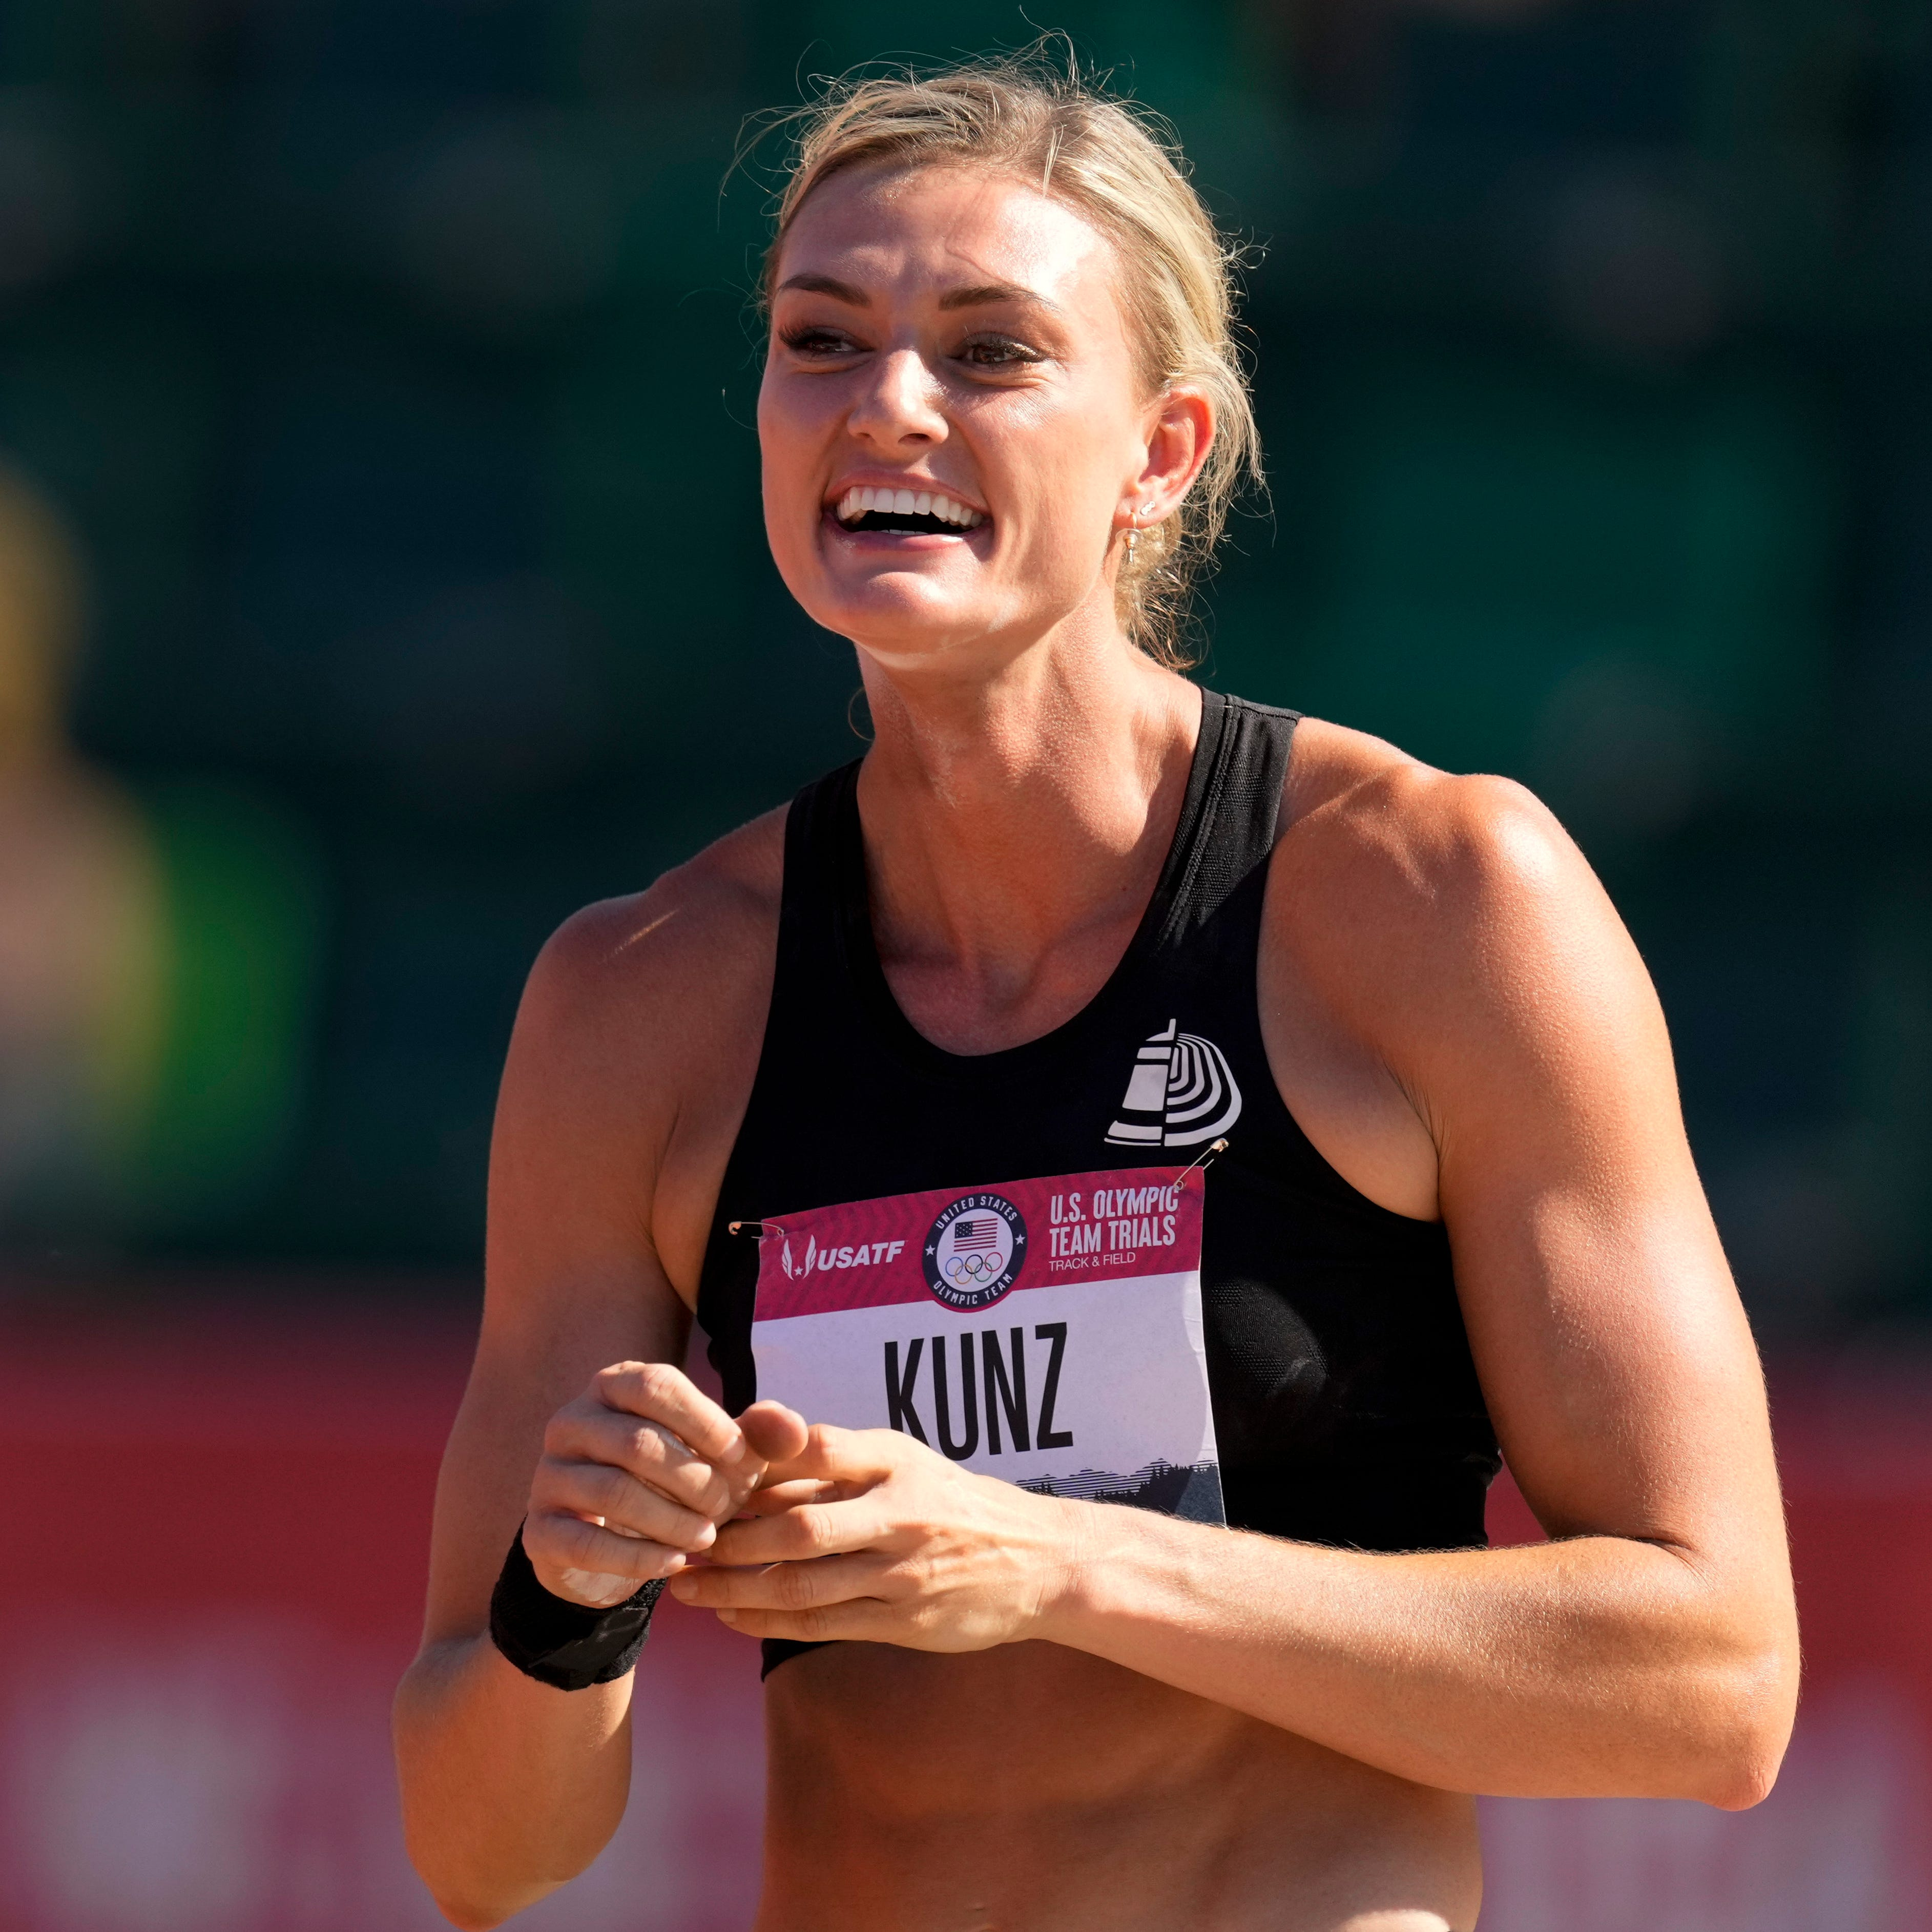 Annie Kunz